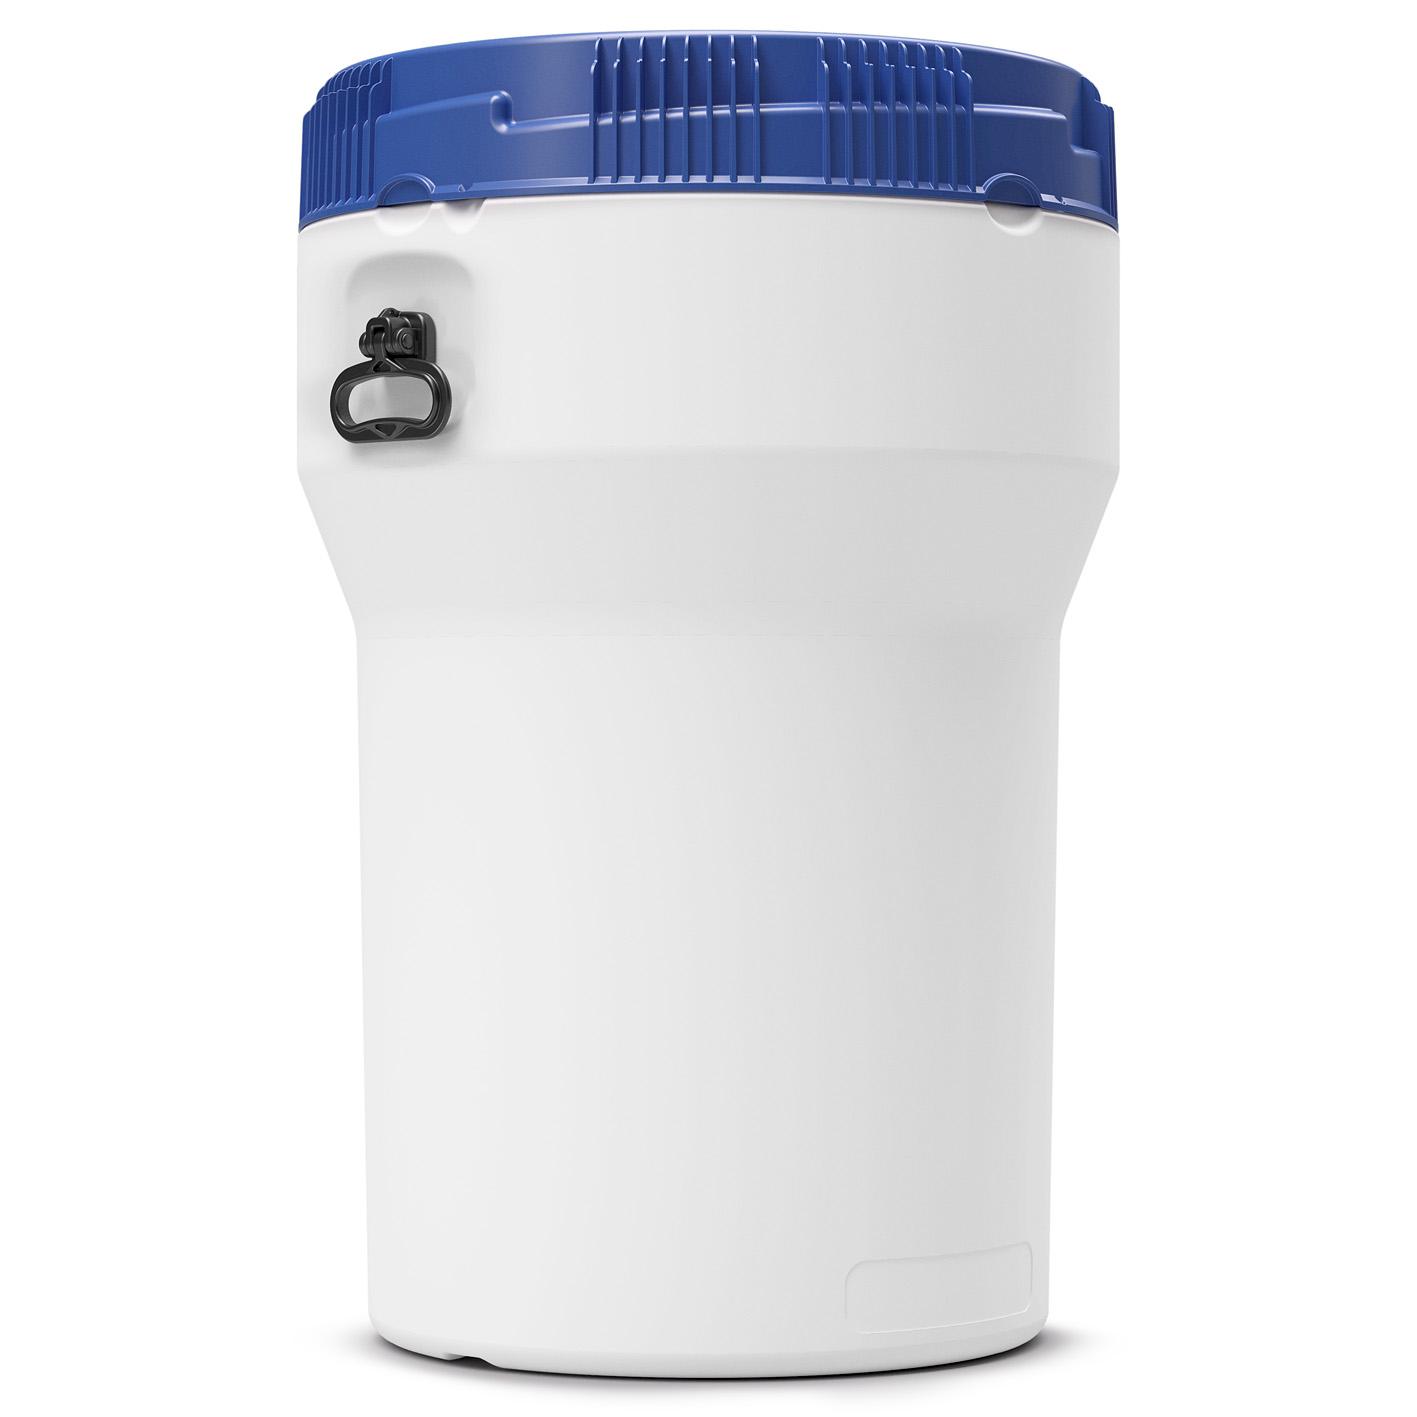 150 liter Nestable drum